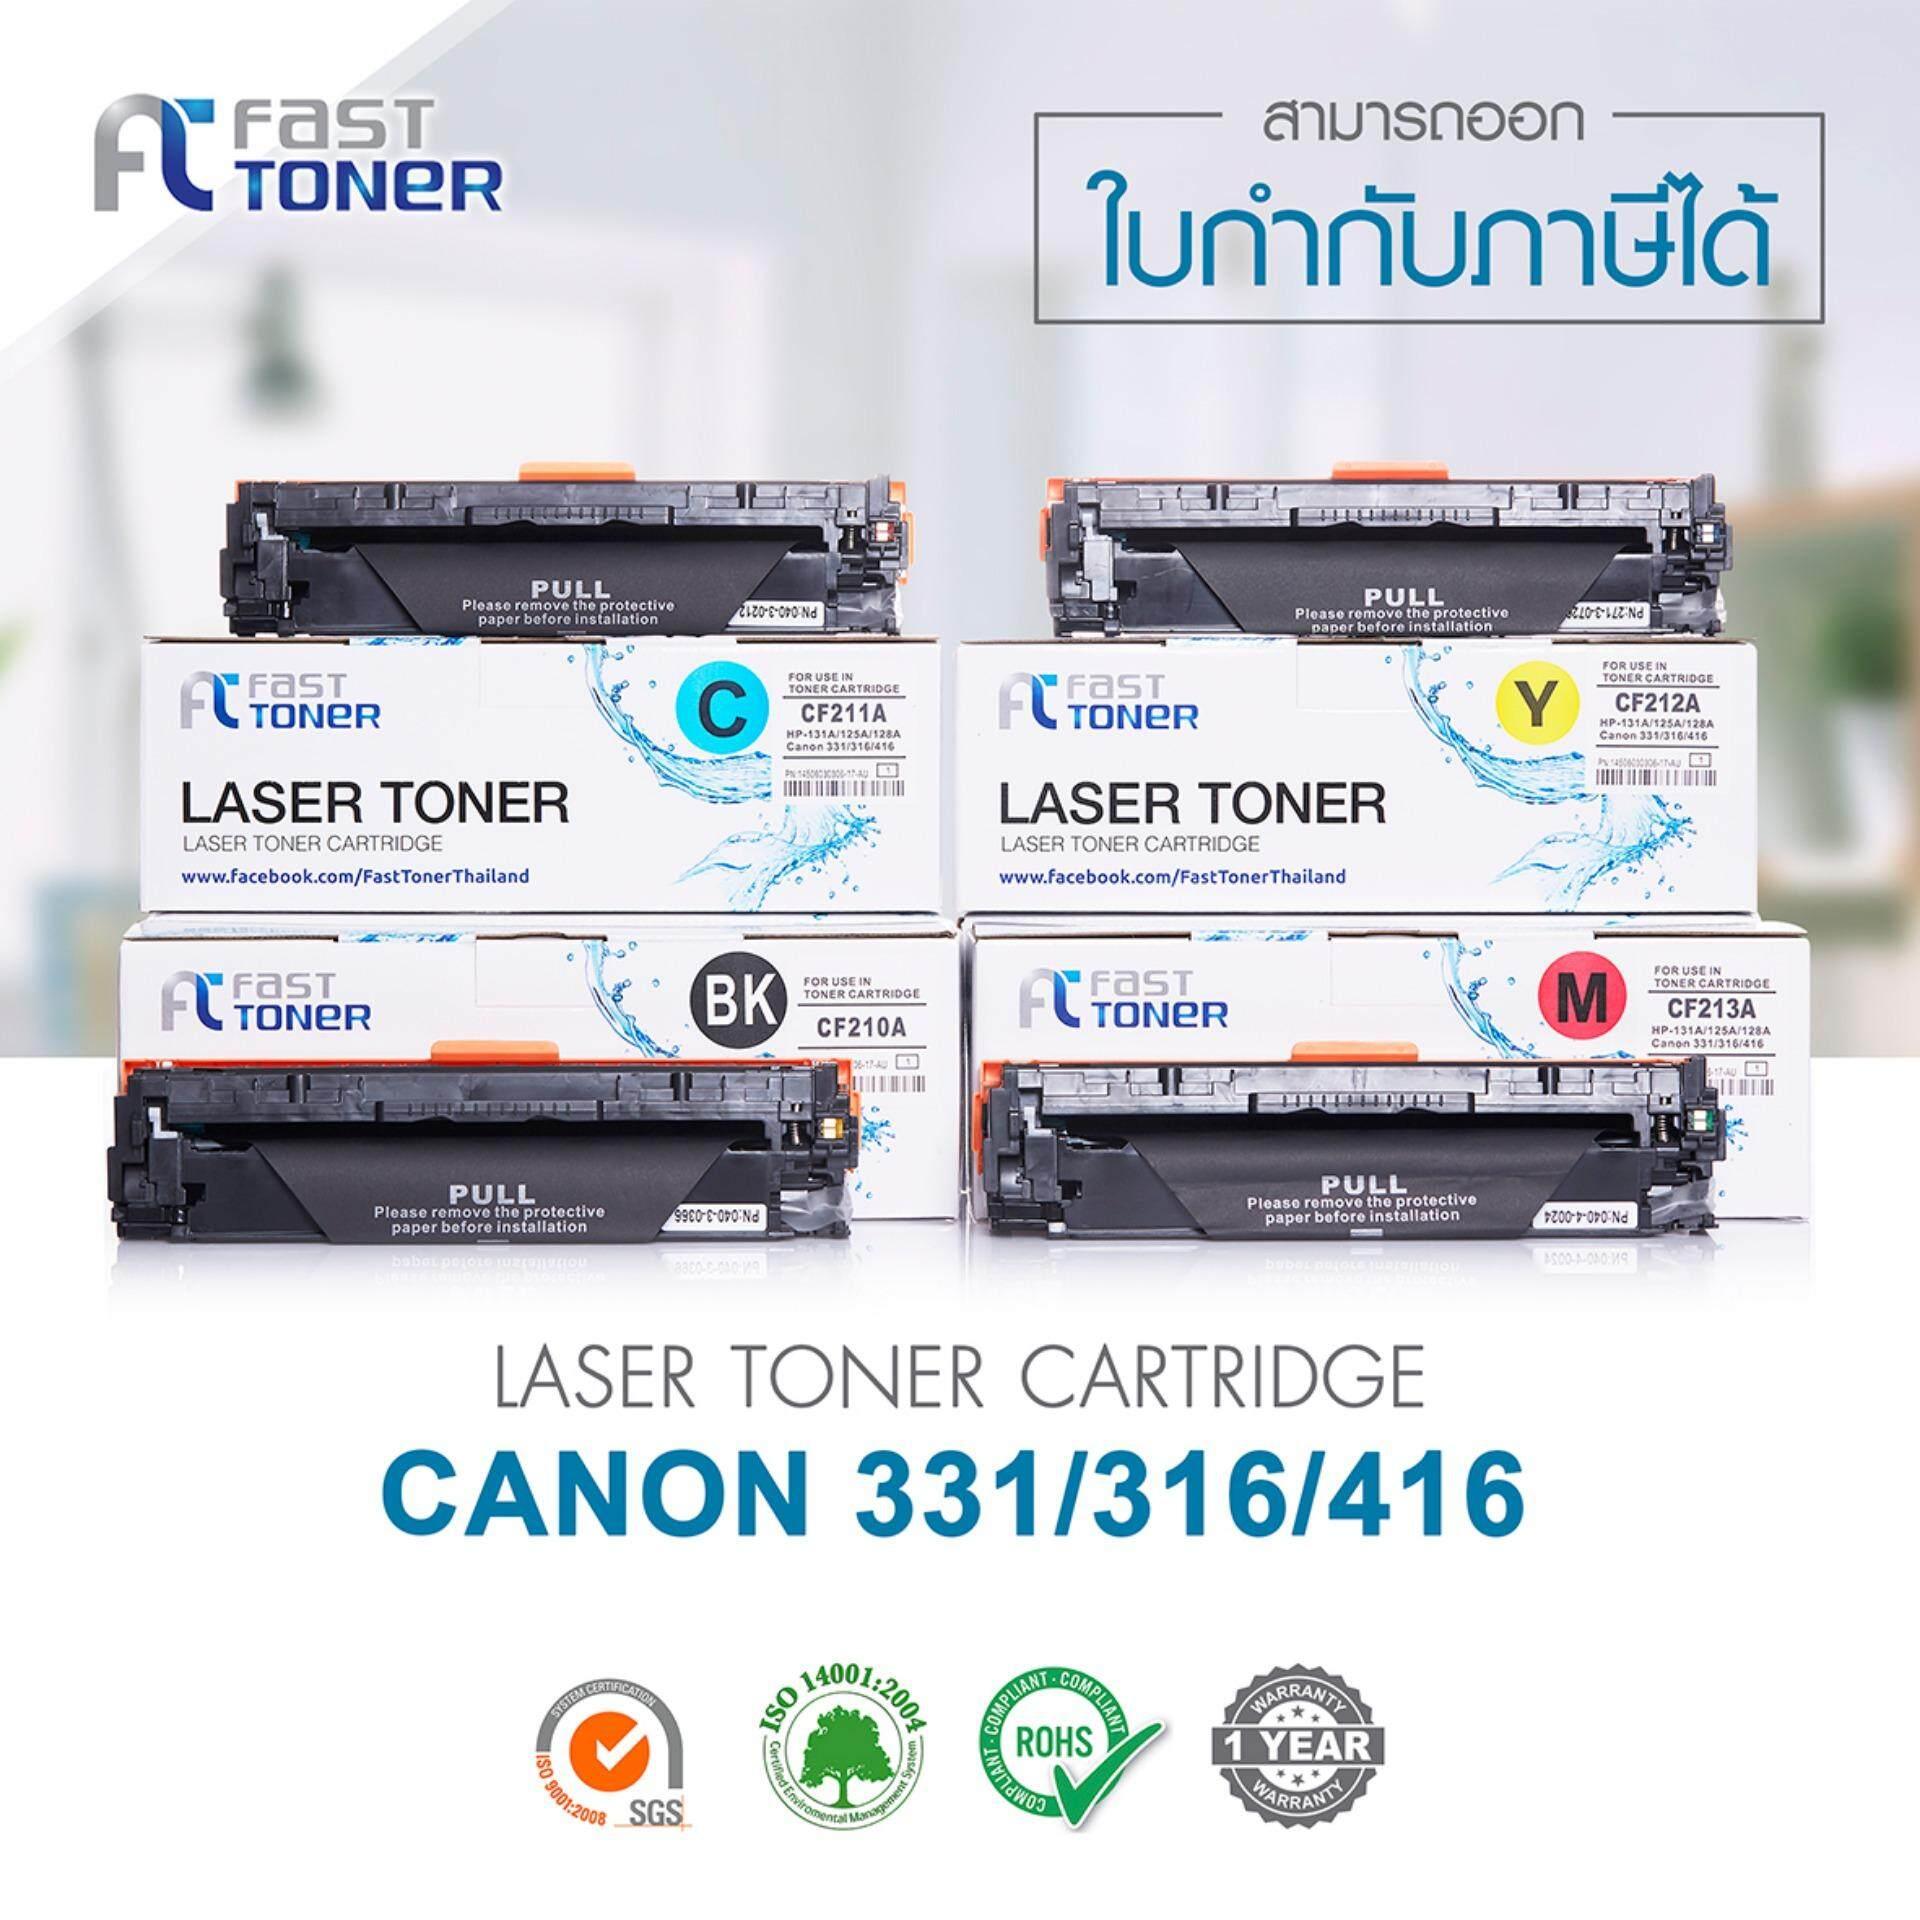 ราคา Fast Toner Canon 316Bk C M Y Lbp 5050 Lbp 5050N Mf8010 Mf8080Cw Mf8030Cn Mf8050Cn สีดำ สีแดง สีฟ้า สีเหลือง